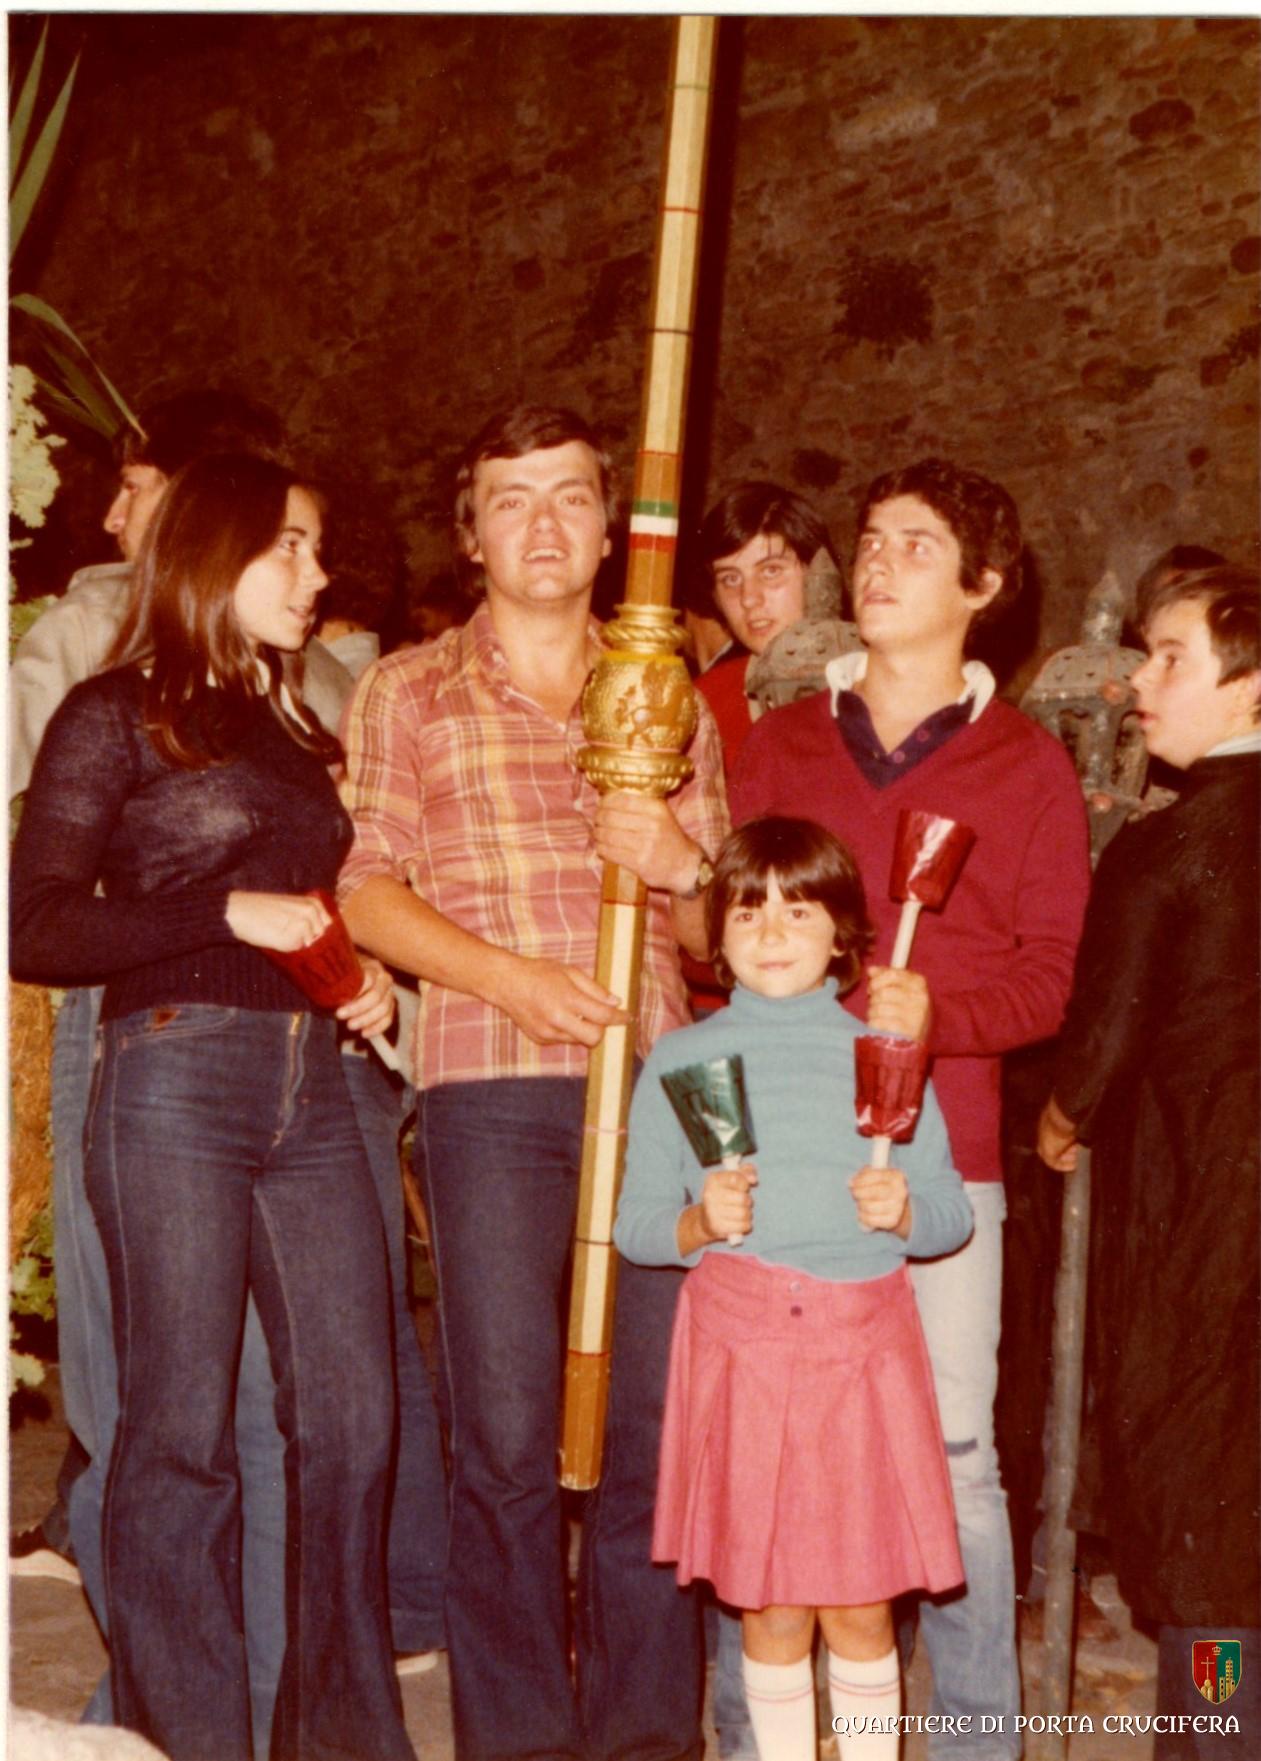 02 - 1976 - Franca Peruzzi - Ivan Luttini - Rossi Sauro - Mazzi Agostino e Piruello e la piccola Cinzia Peruzzi